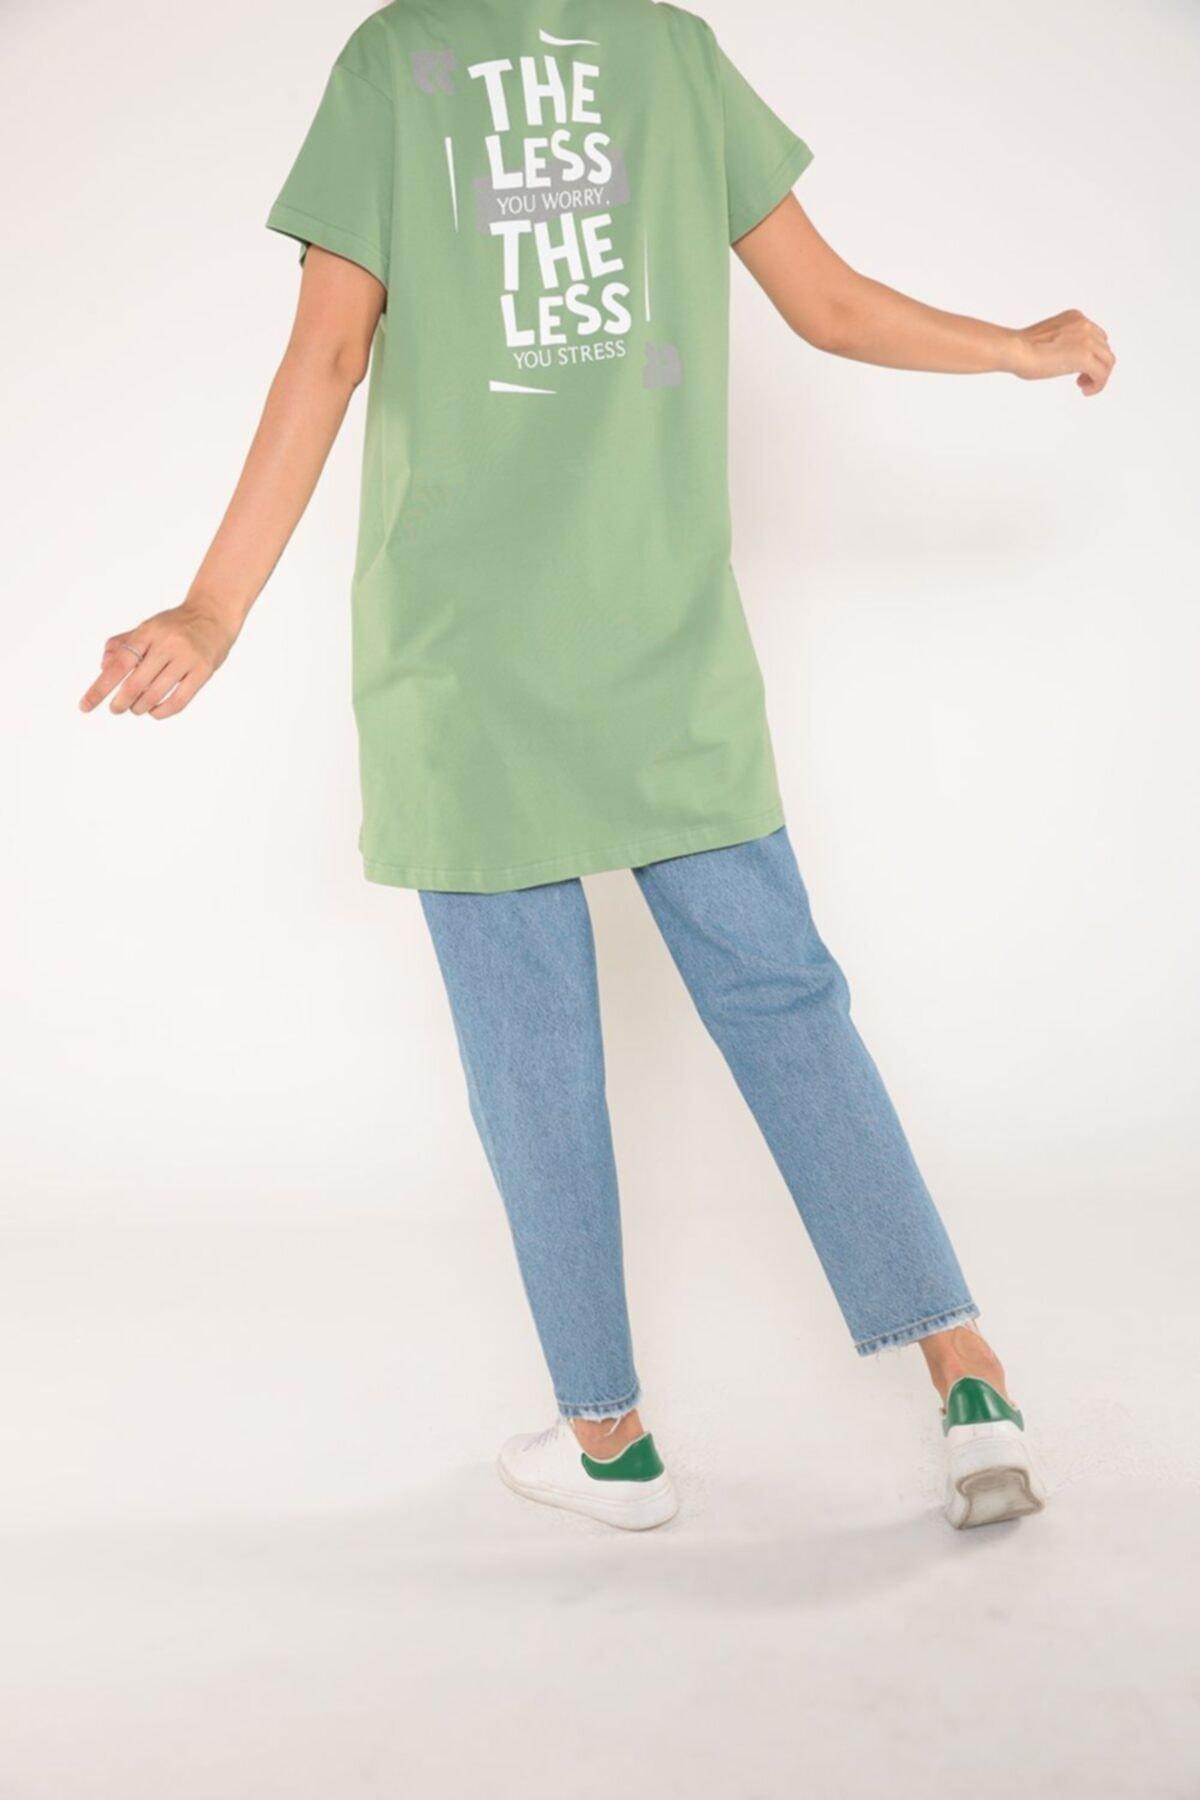 ALLDAY Fıstık Yeşili Arkası Baskılı Kısa Kol T-shirt 1